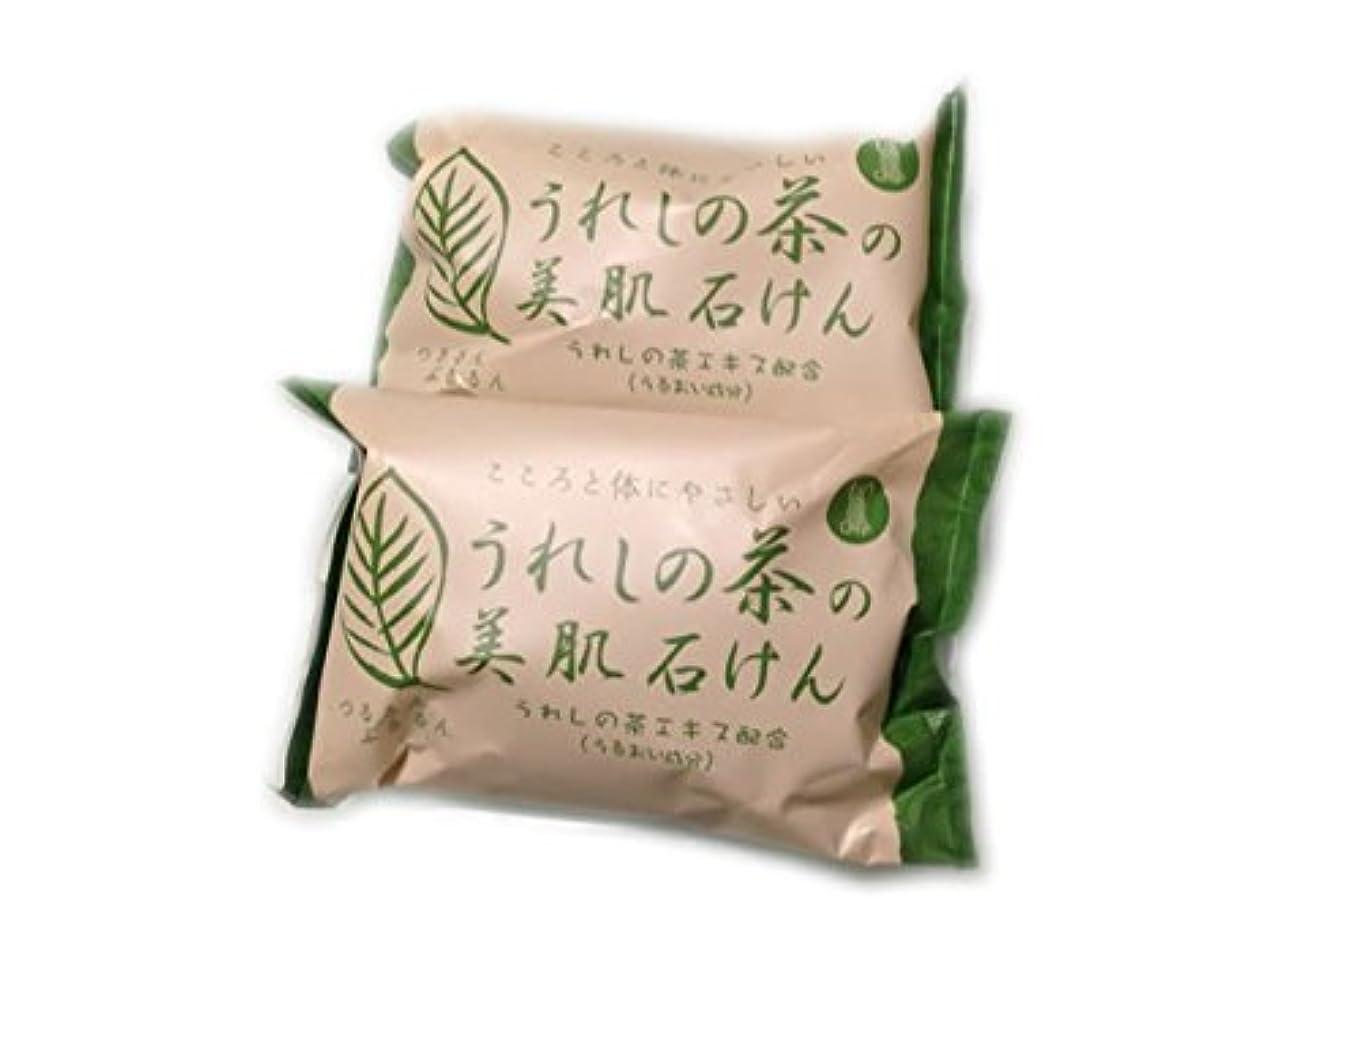 日本三大美肌の湯嬉野温泉 うれしの茶の美肌石けん2個セット